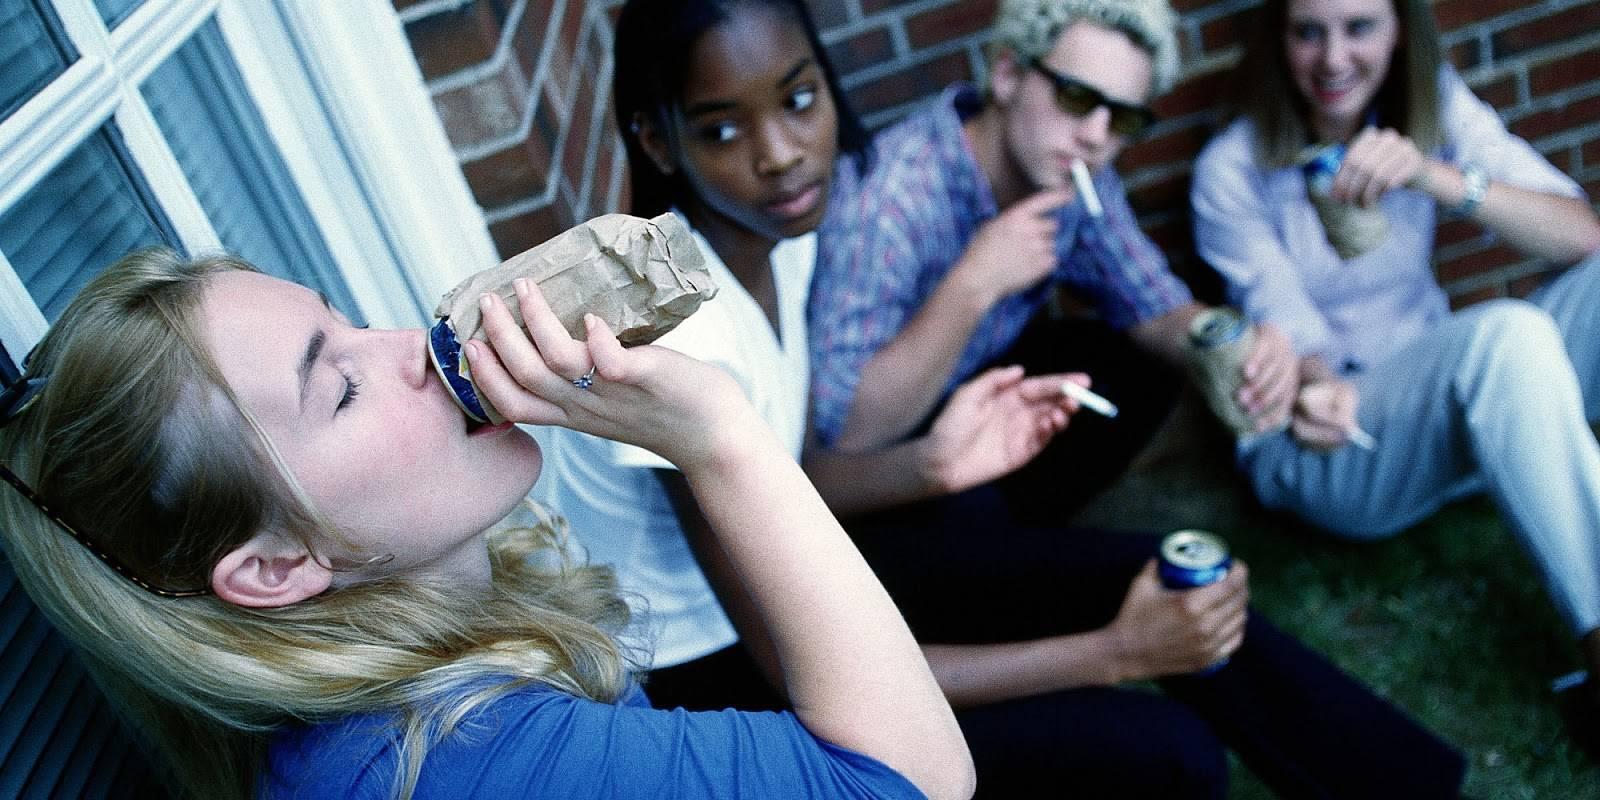 Как бороться с наркоманией среди подростков?